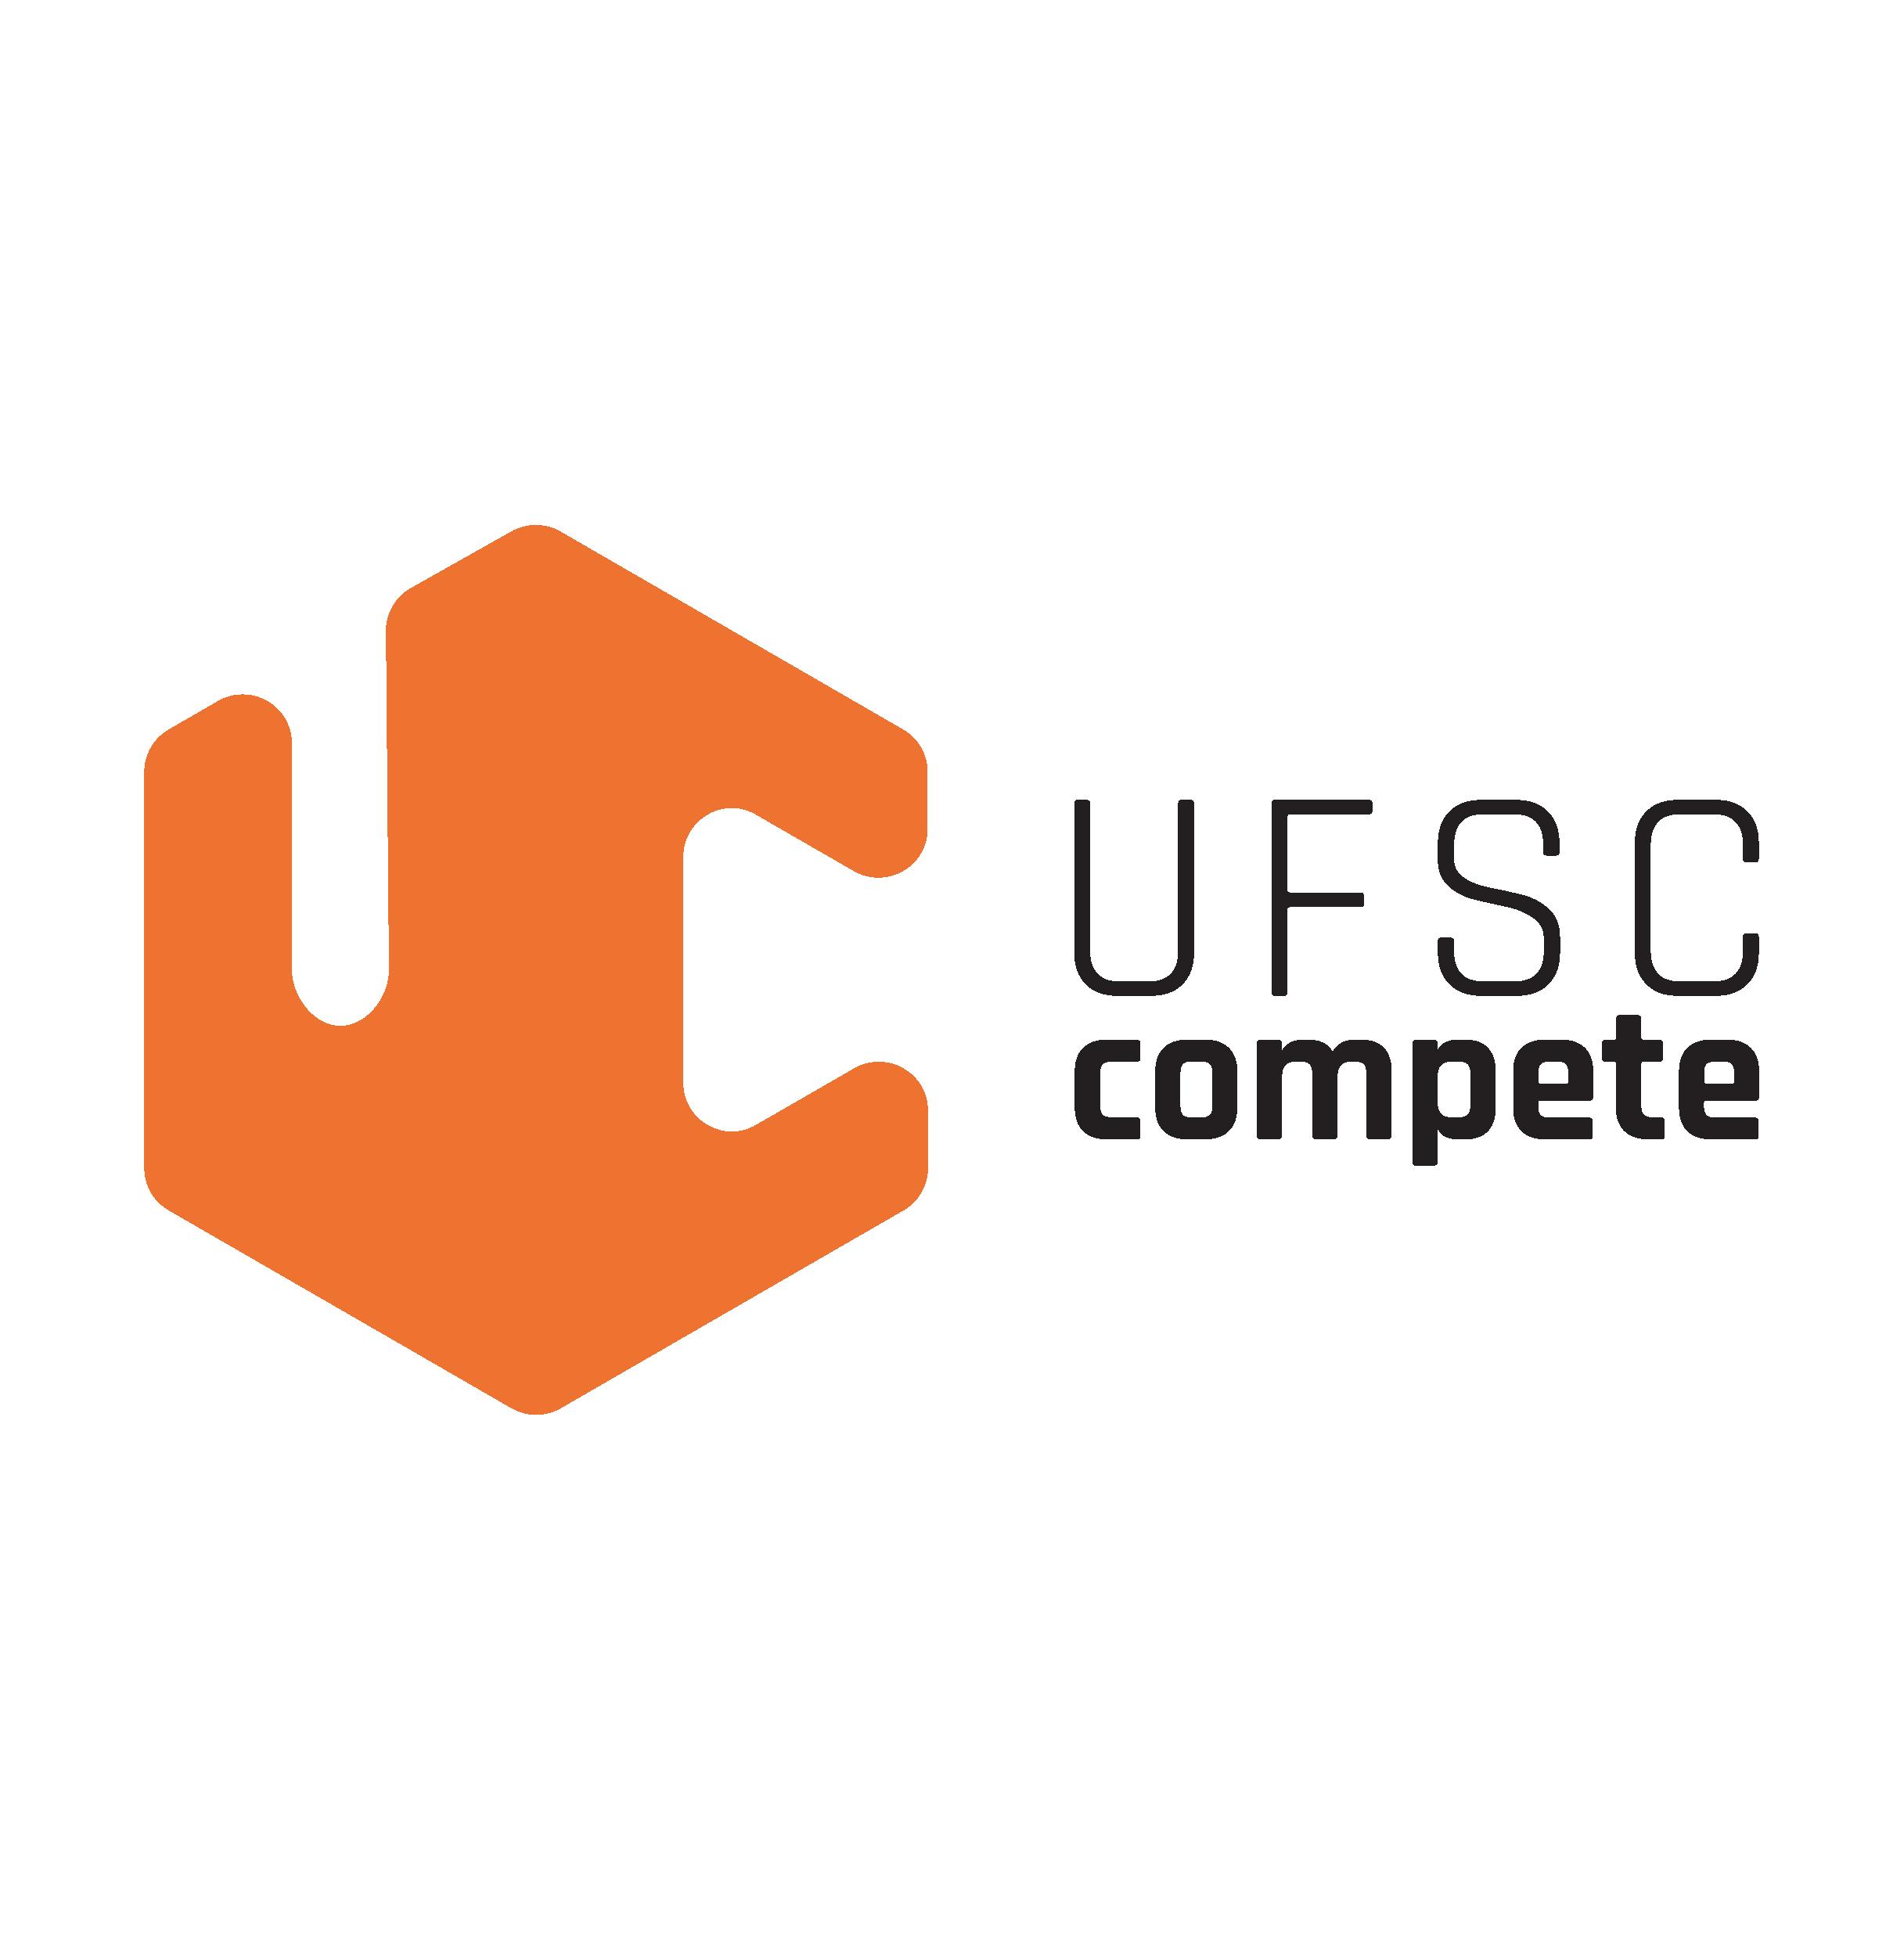 UFSC Compete